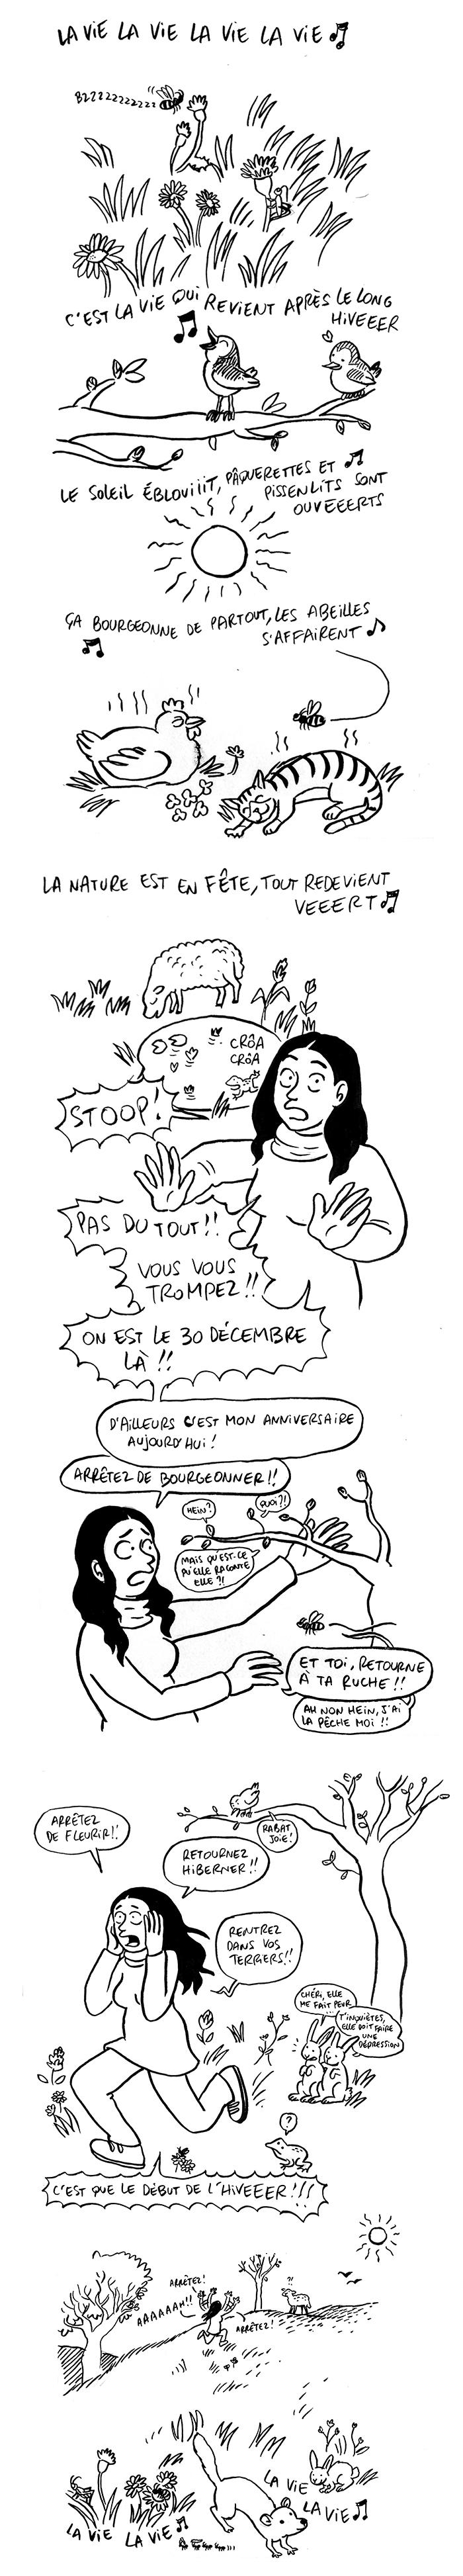 http://melaka.free.fr/blog/lavie.jpg